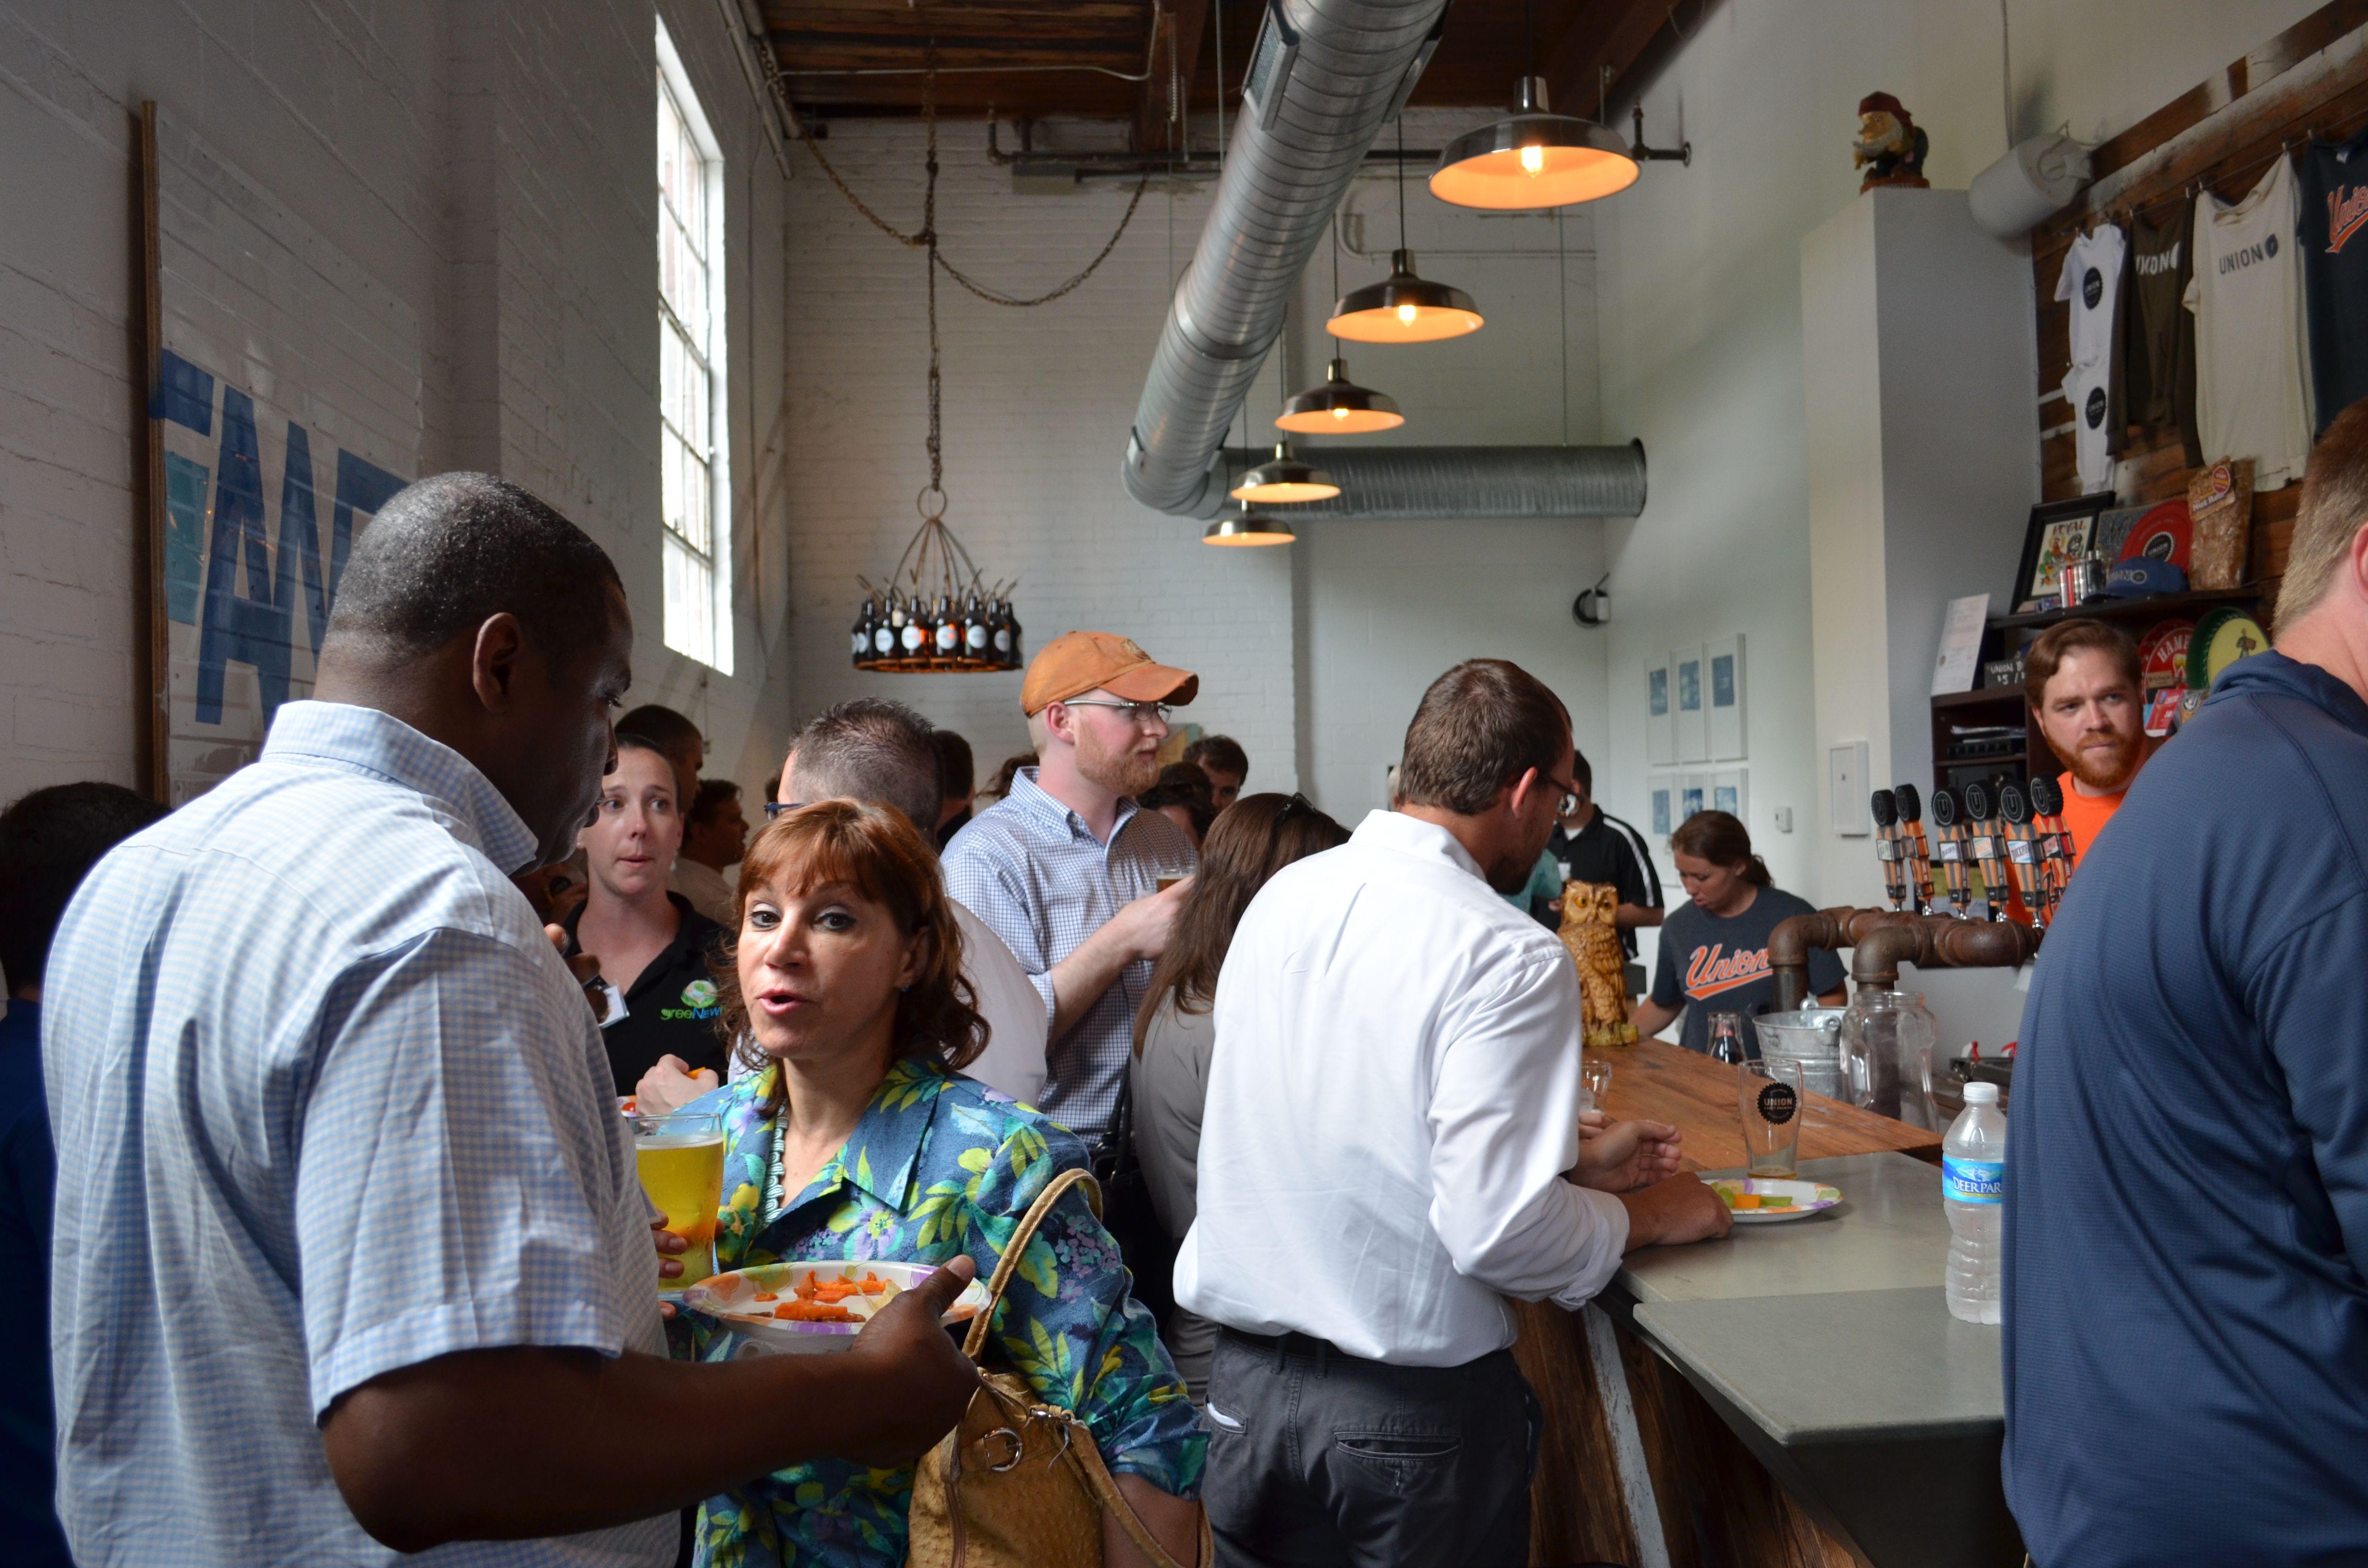 18++ Union craft brewing jobs info